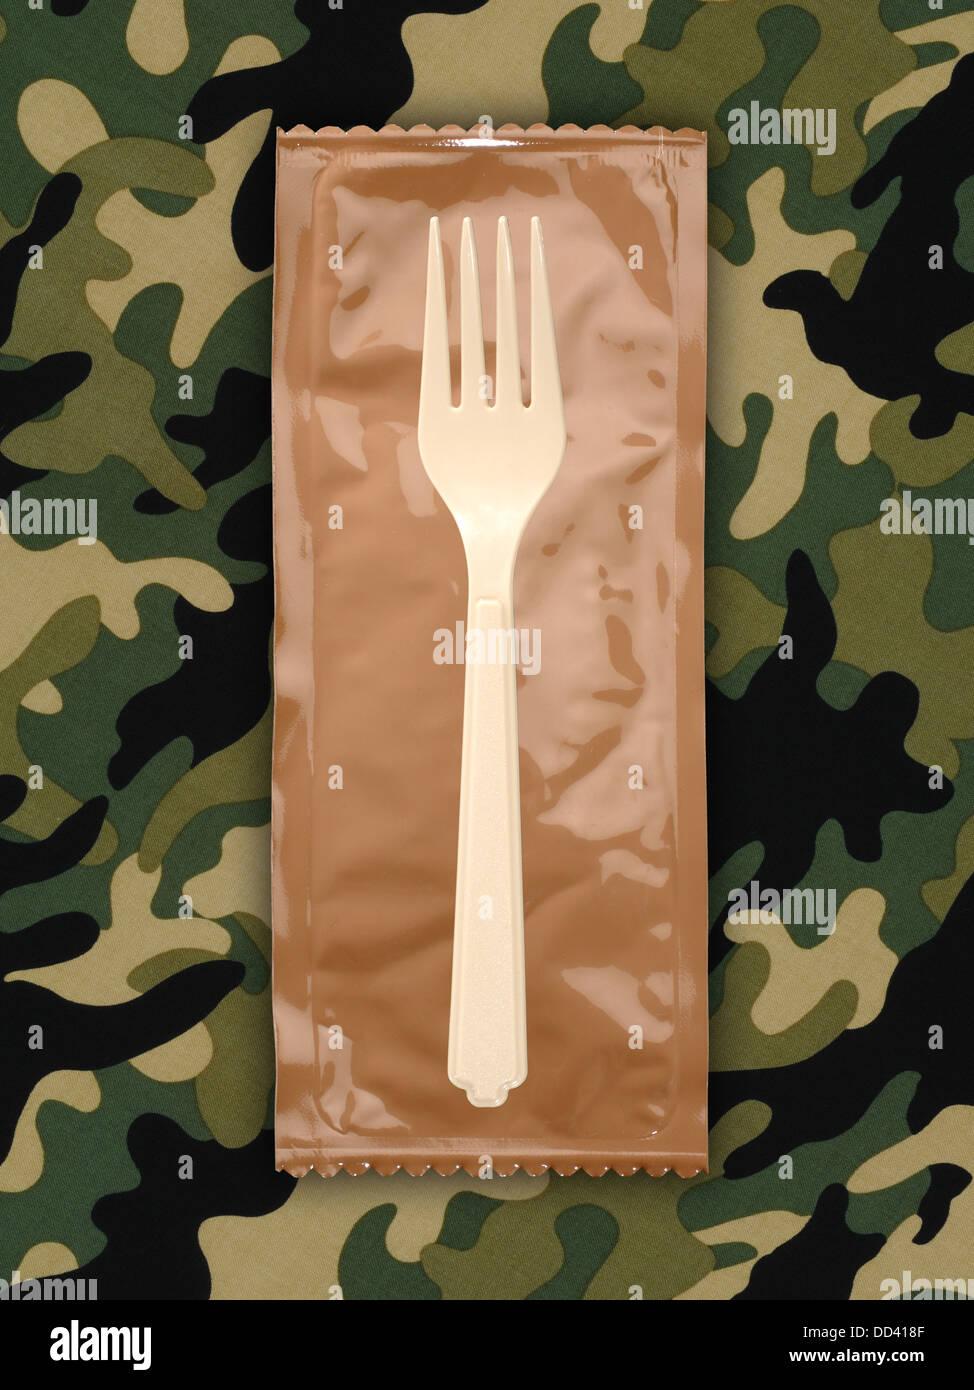 Raciones militares o MRE comidas listas para comer en un fondo camuflado. Los paquetes abiertos con utensilios de Imagen De Stock